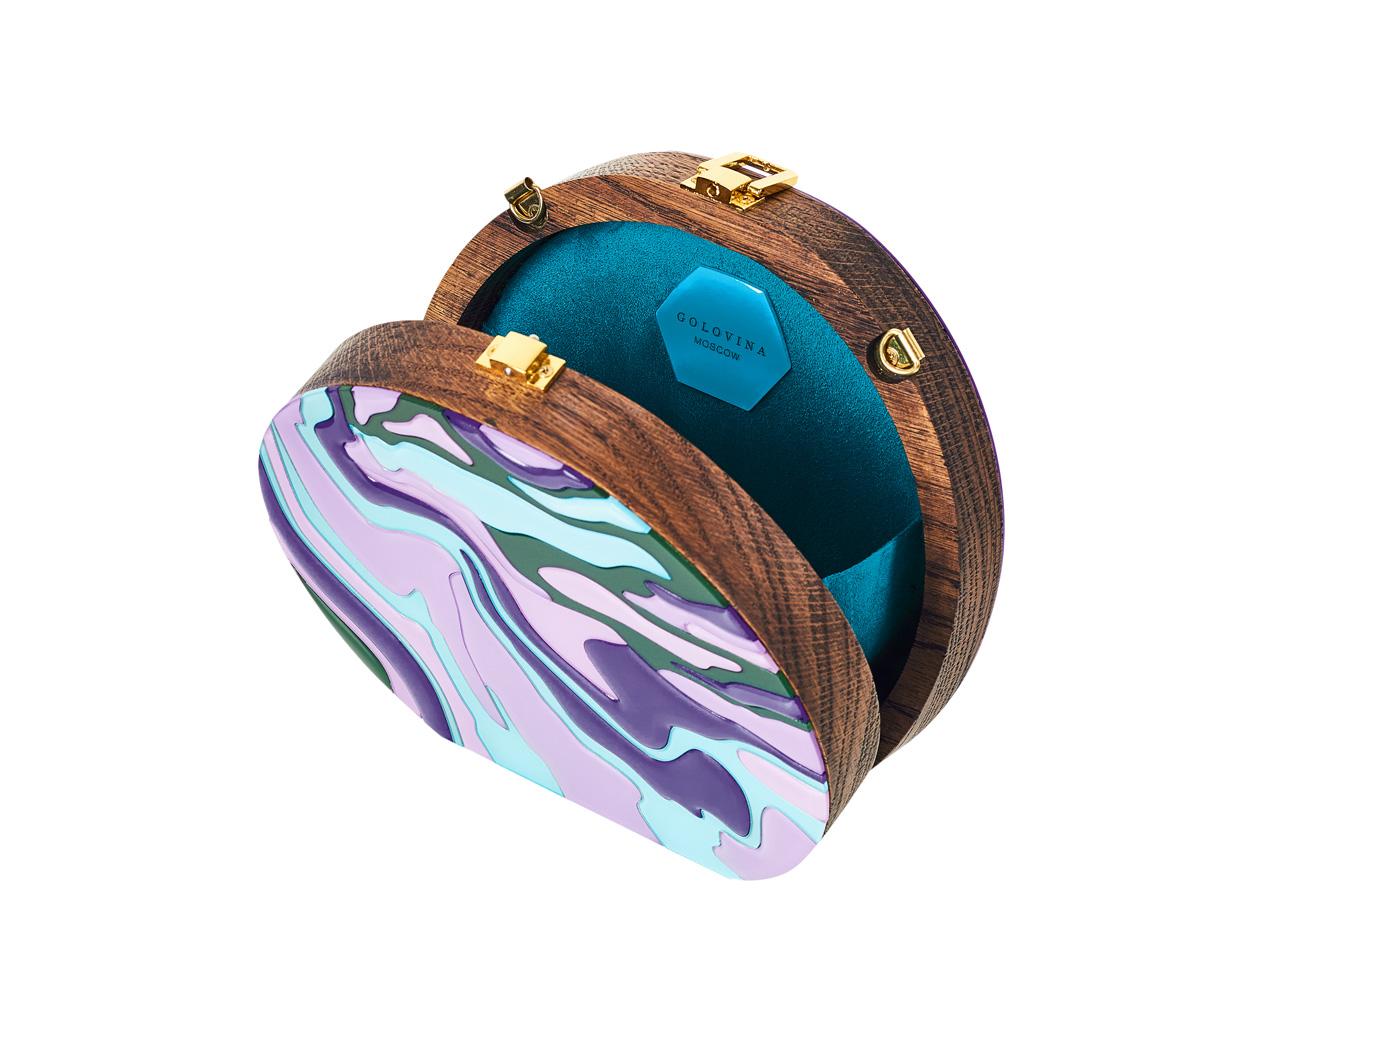 Golovina-marble-clutch-bag-violet-and-blue-5